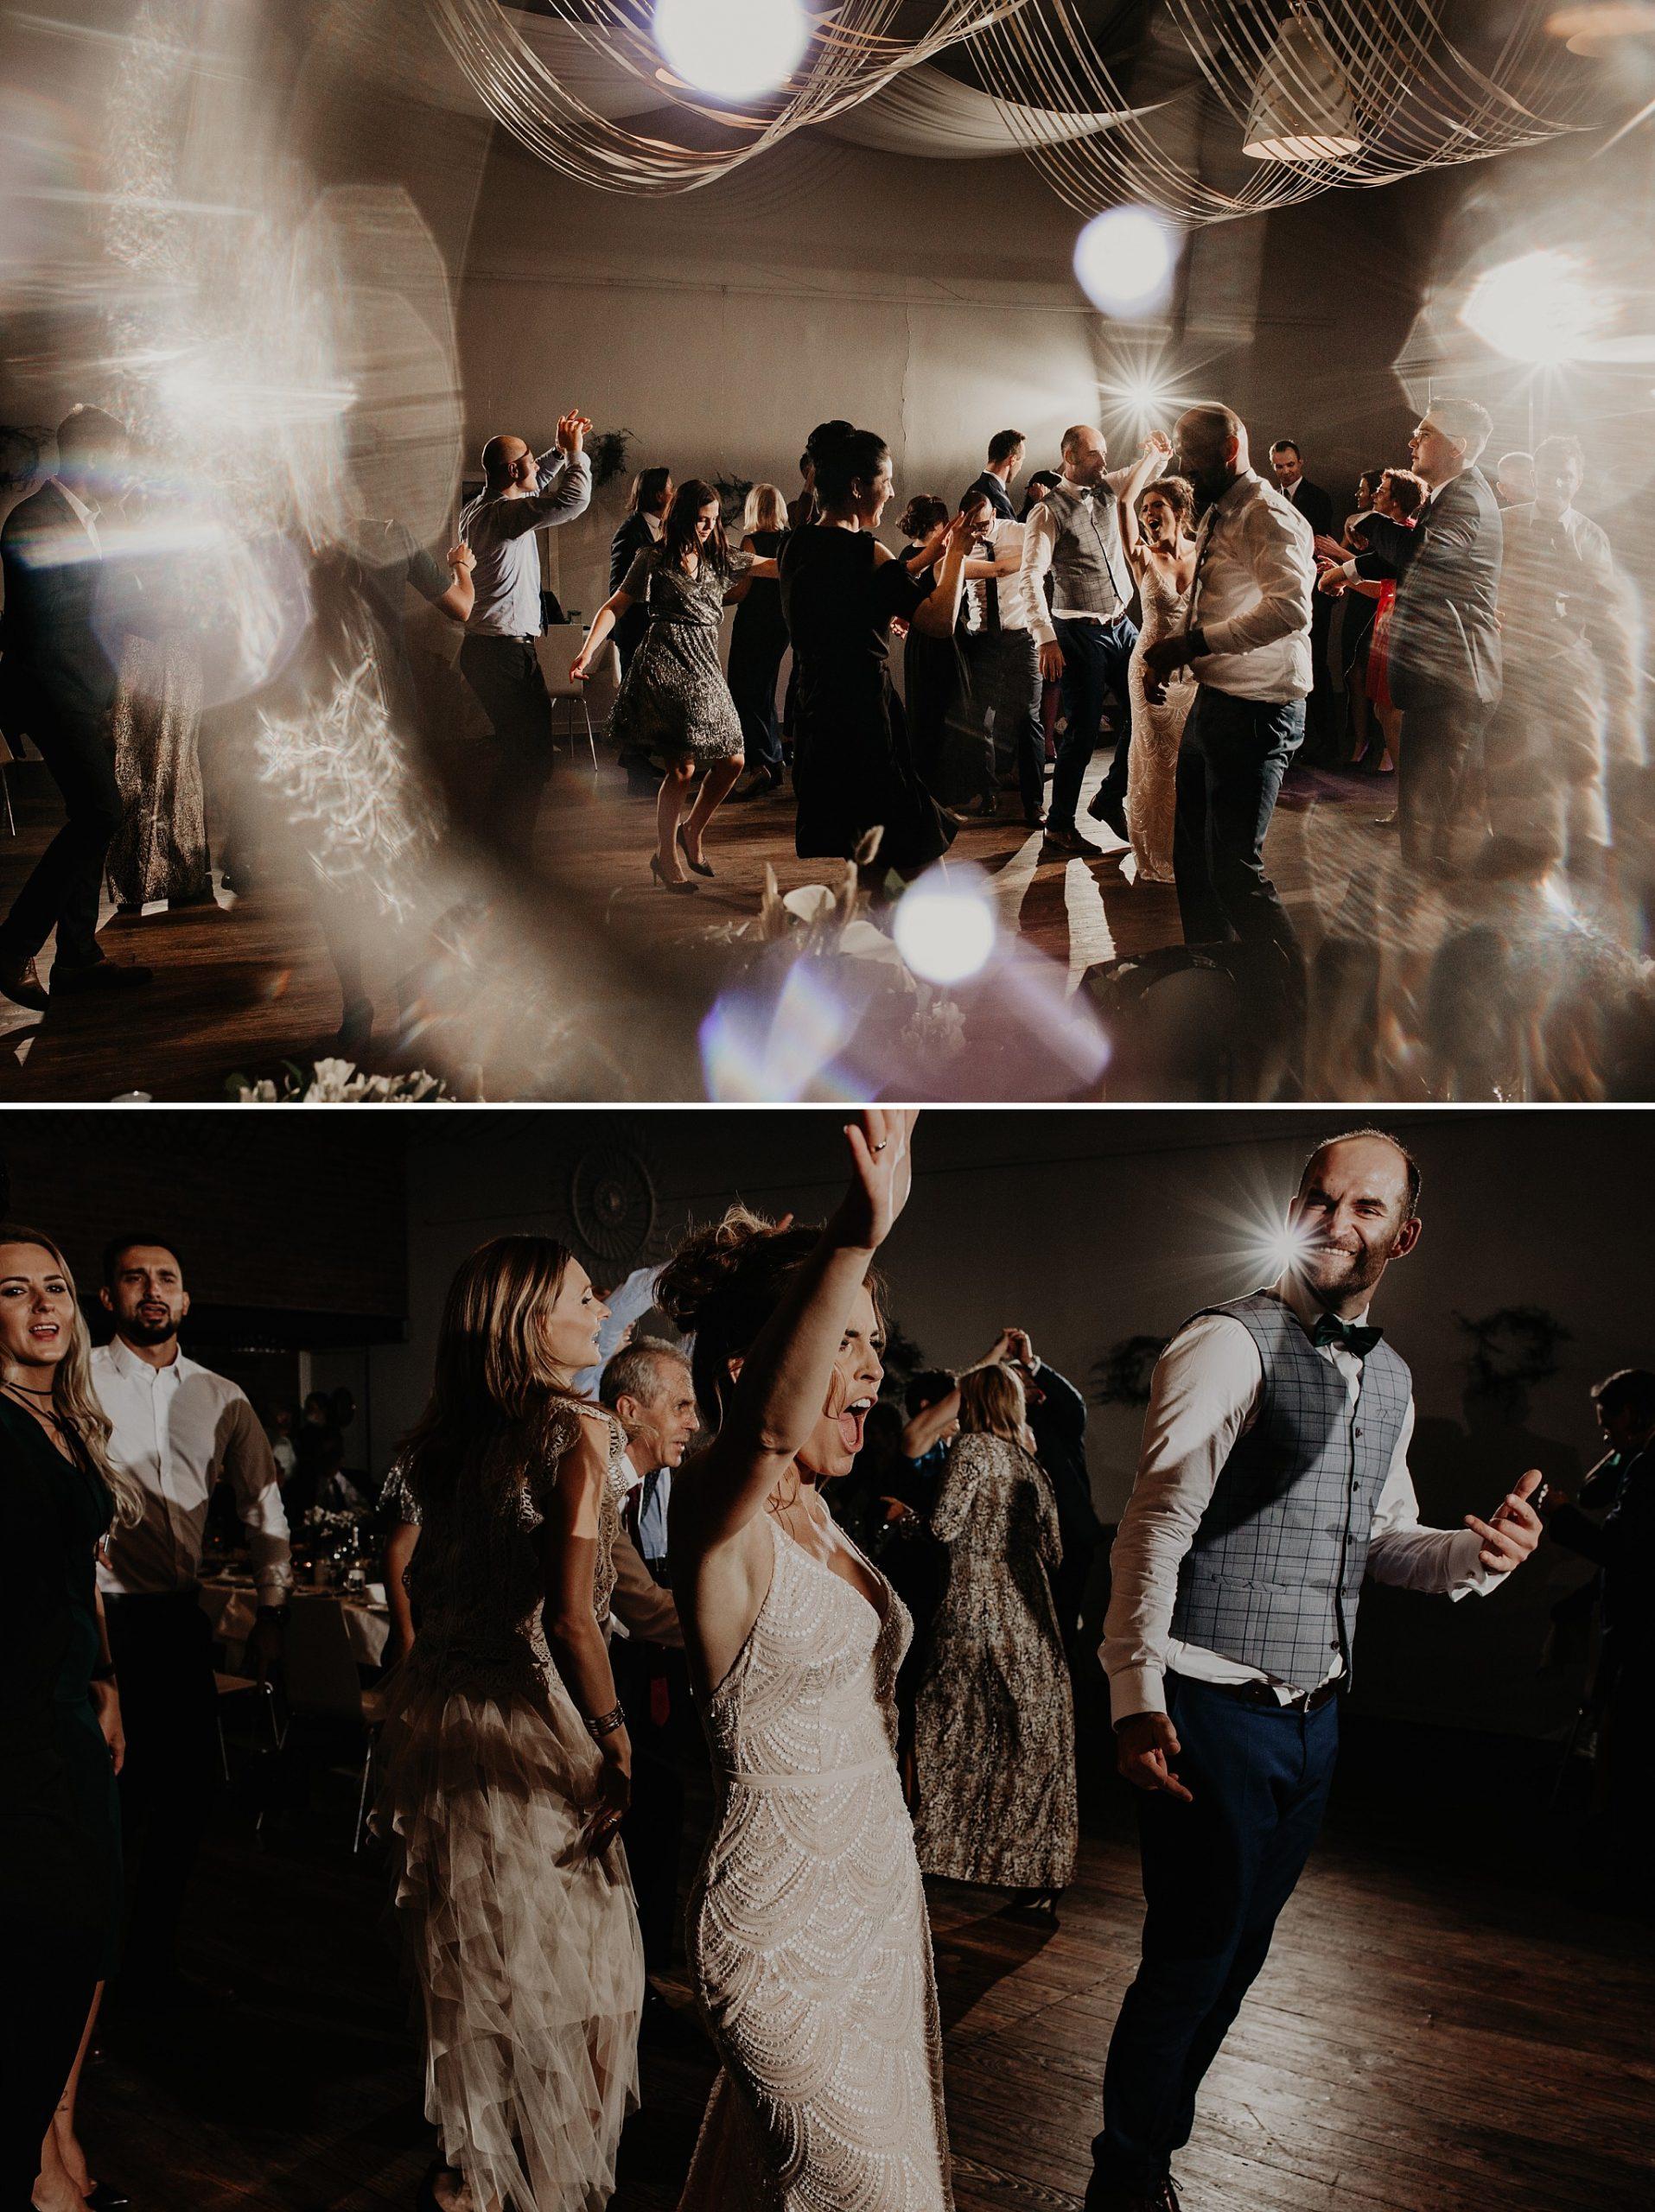 fotograf poznan wesele dobra truskawka piekne wesele pod poznaniem wesele w dobrej truskawce piekna para mloda slub marzen slub koronawirus slub listopad wesele koronawirus 432 scaled